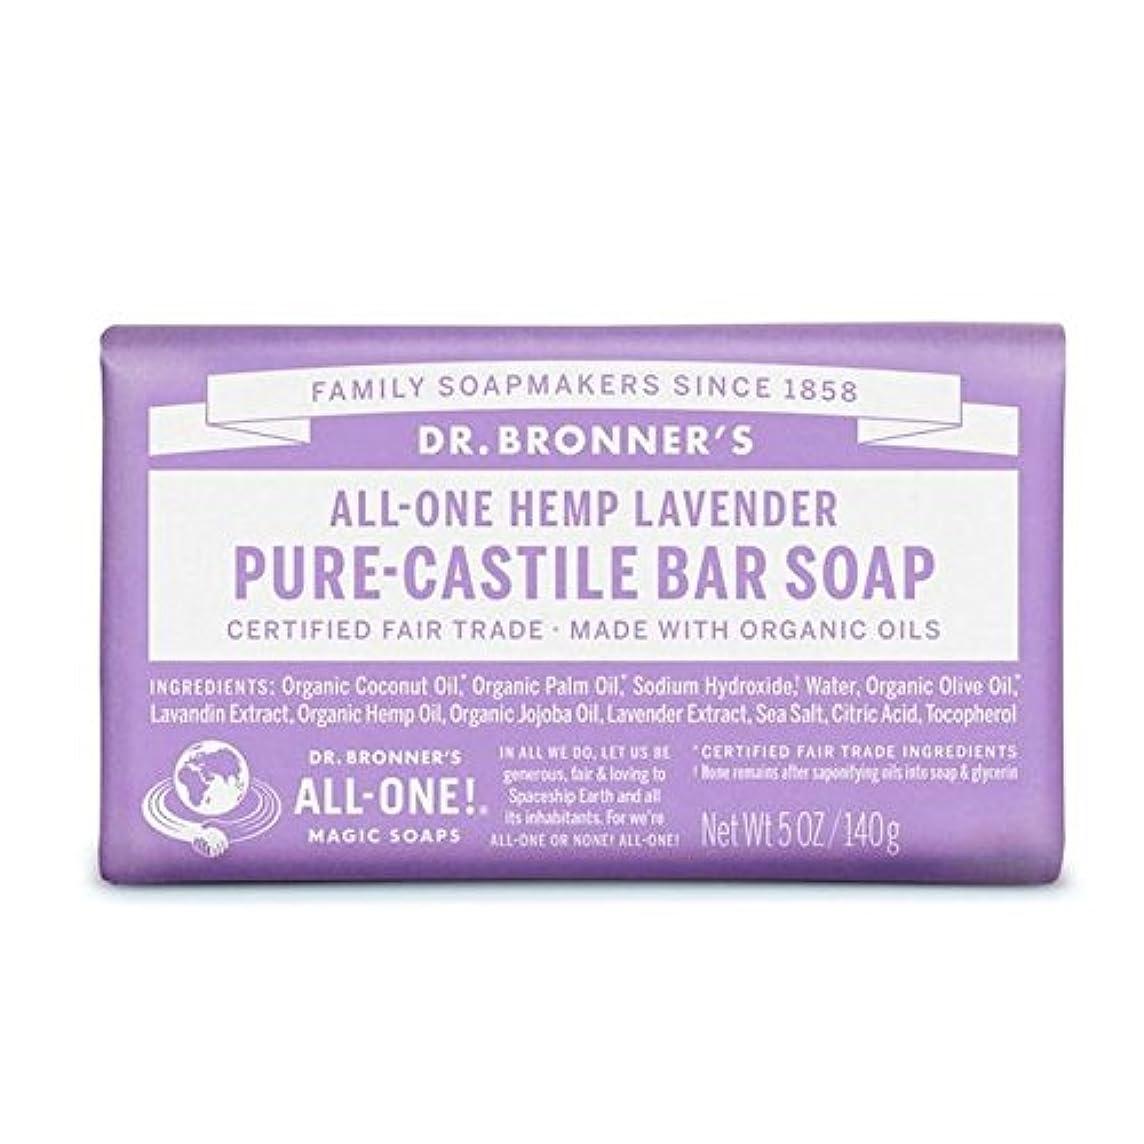 ブロナーラベンダーソープバー140グラム x4 - Dr Bronner Lavender Soap Bar 140g (Pack of 4) [並行輸入品]